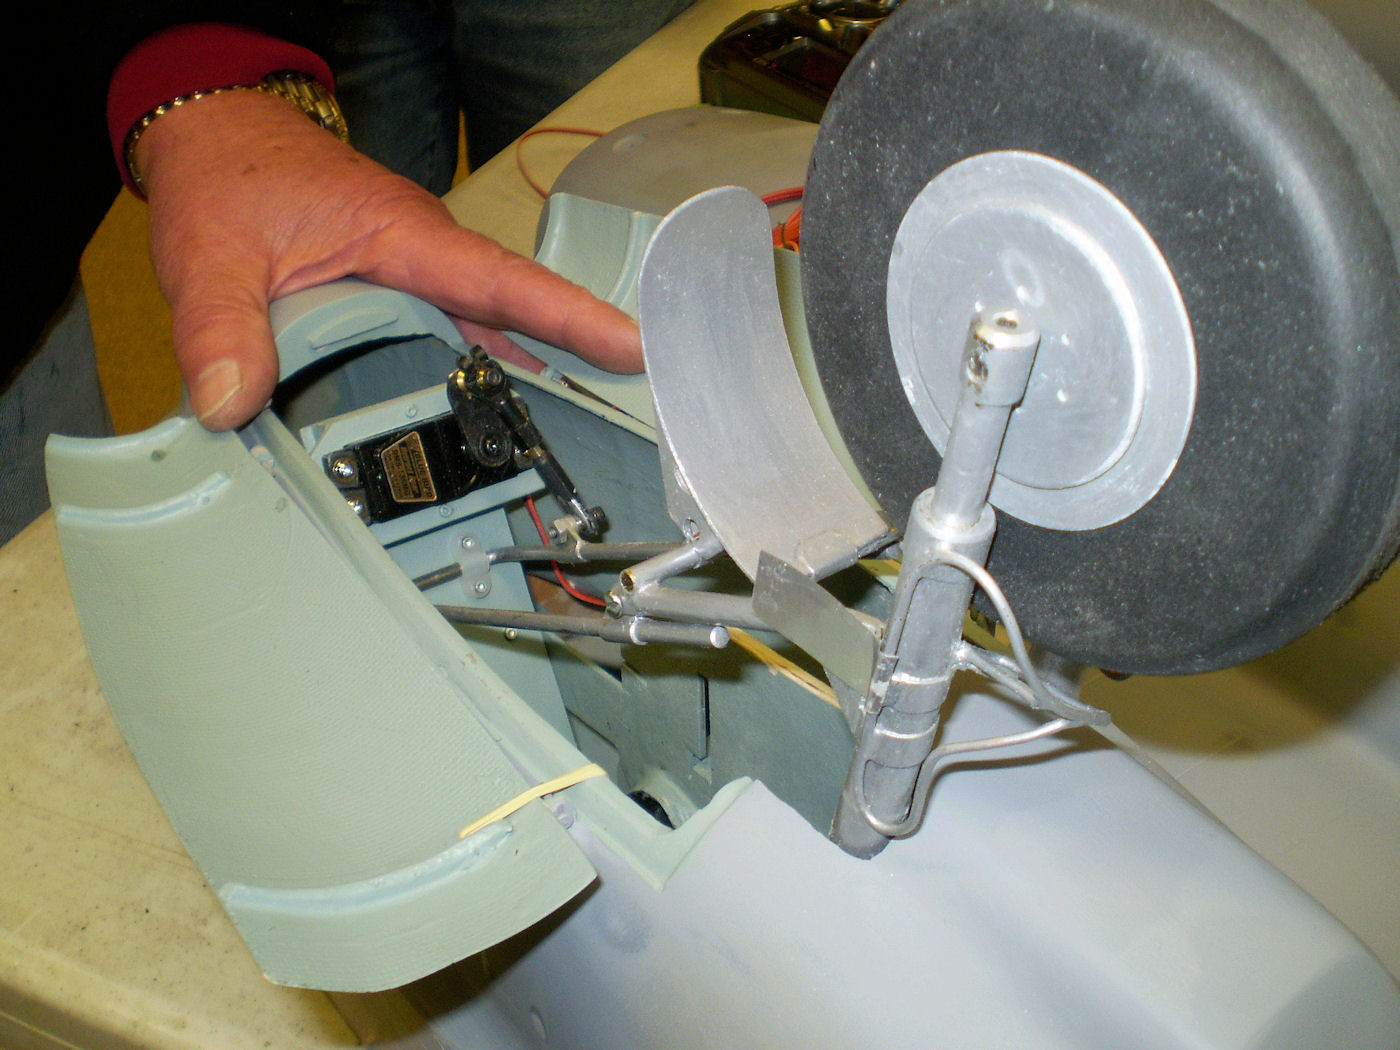 Scratch Built 65 Quot De Havilland Mosquito Scale 1 10 Build